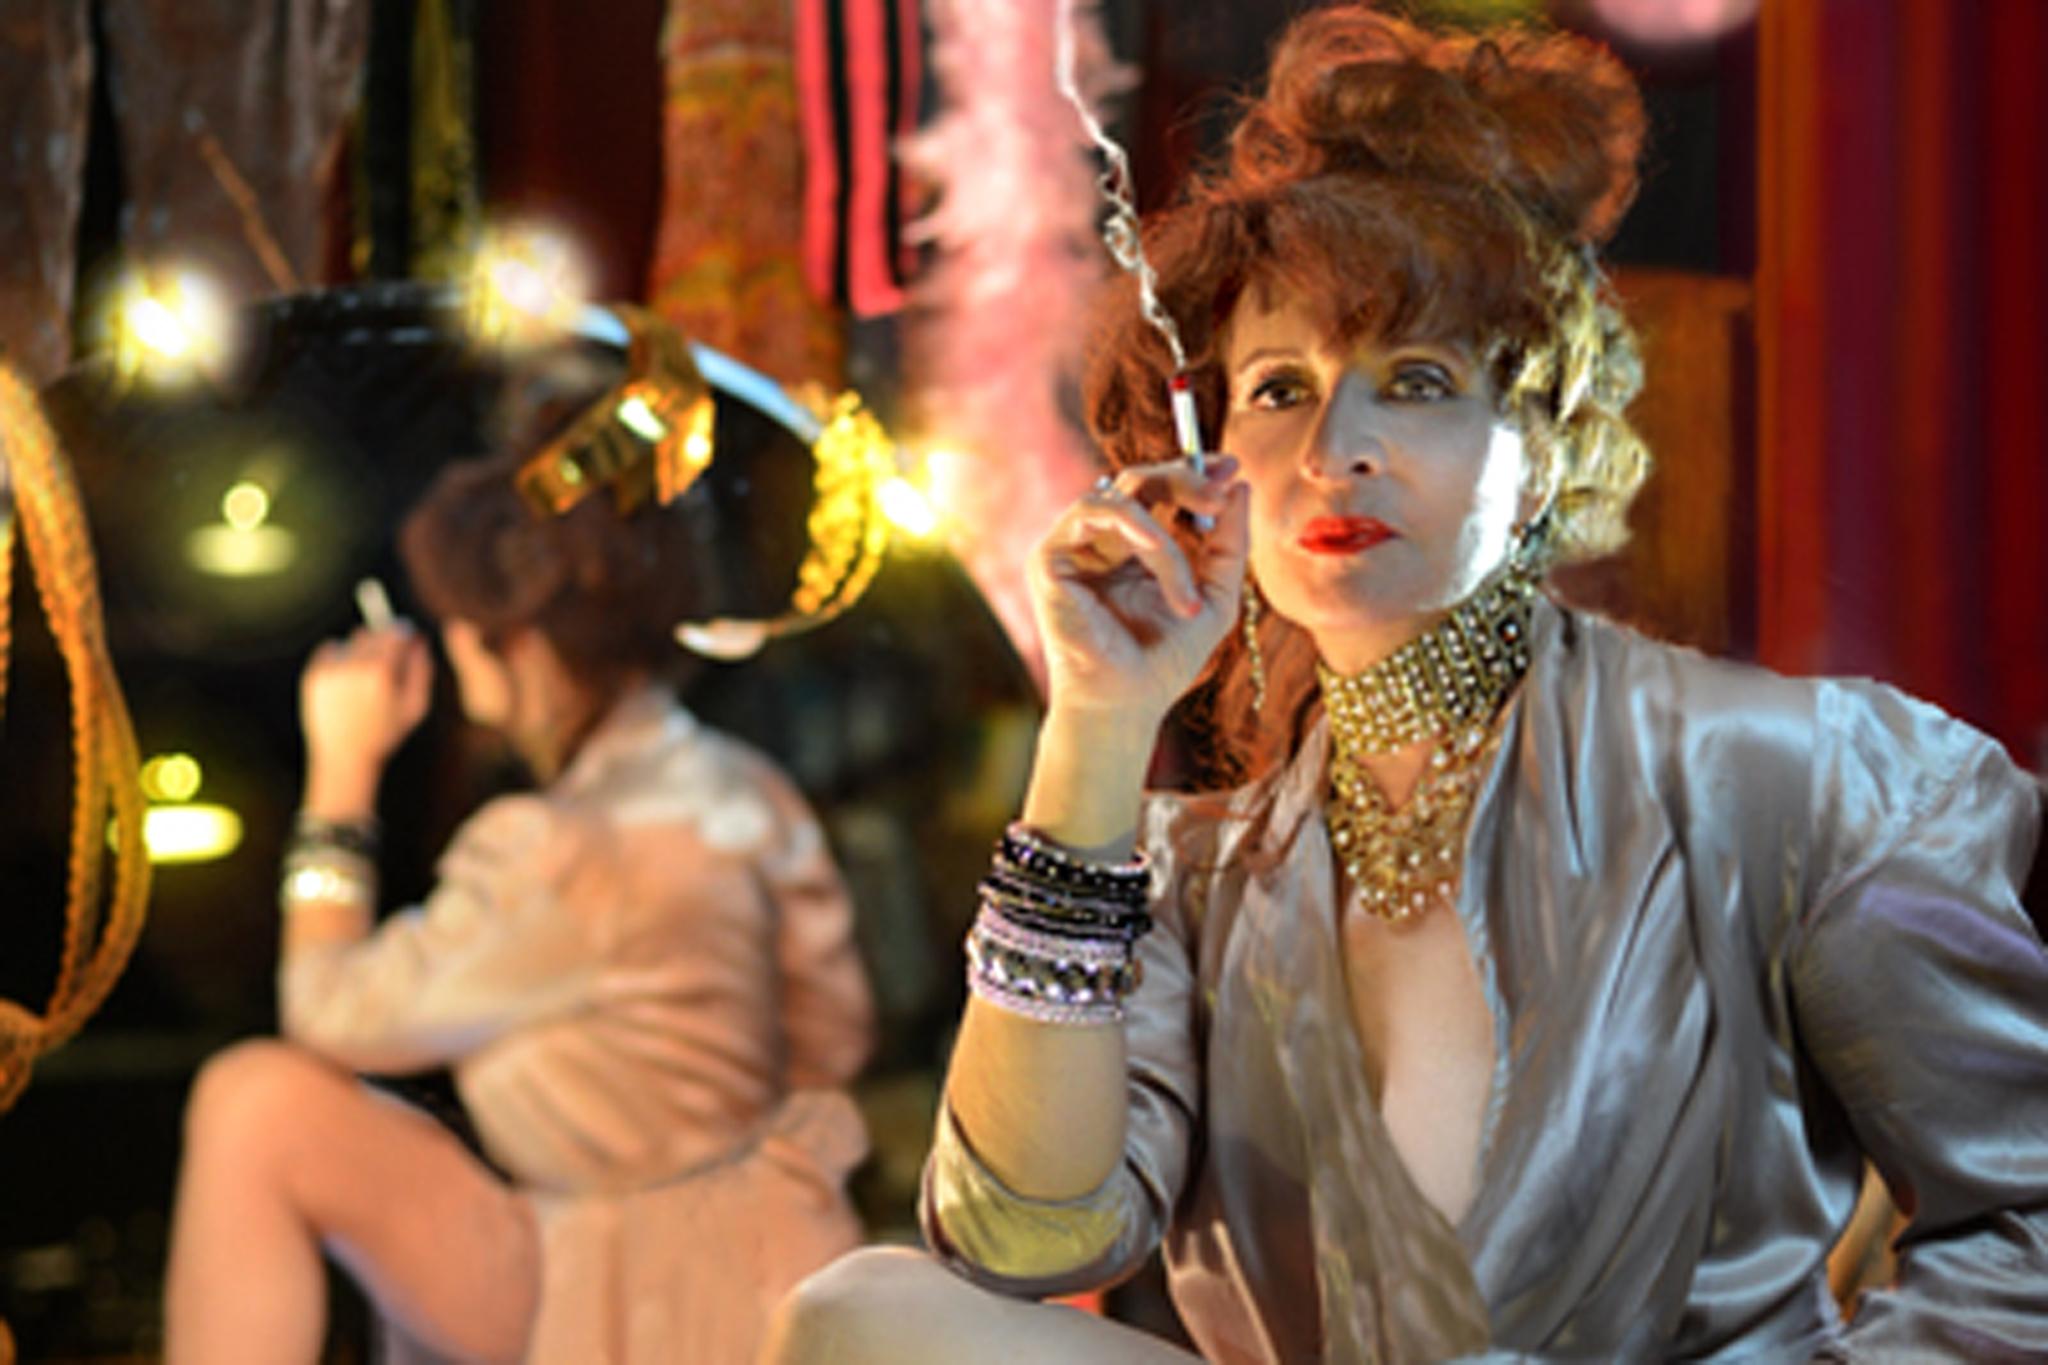 Pangea Burlesque: Earth Shattering, Gender Bending